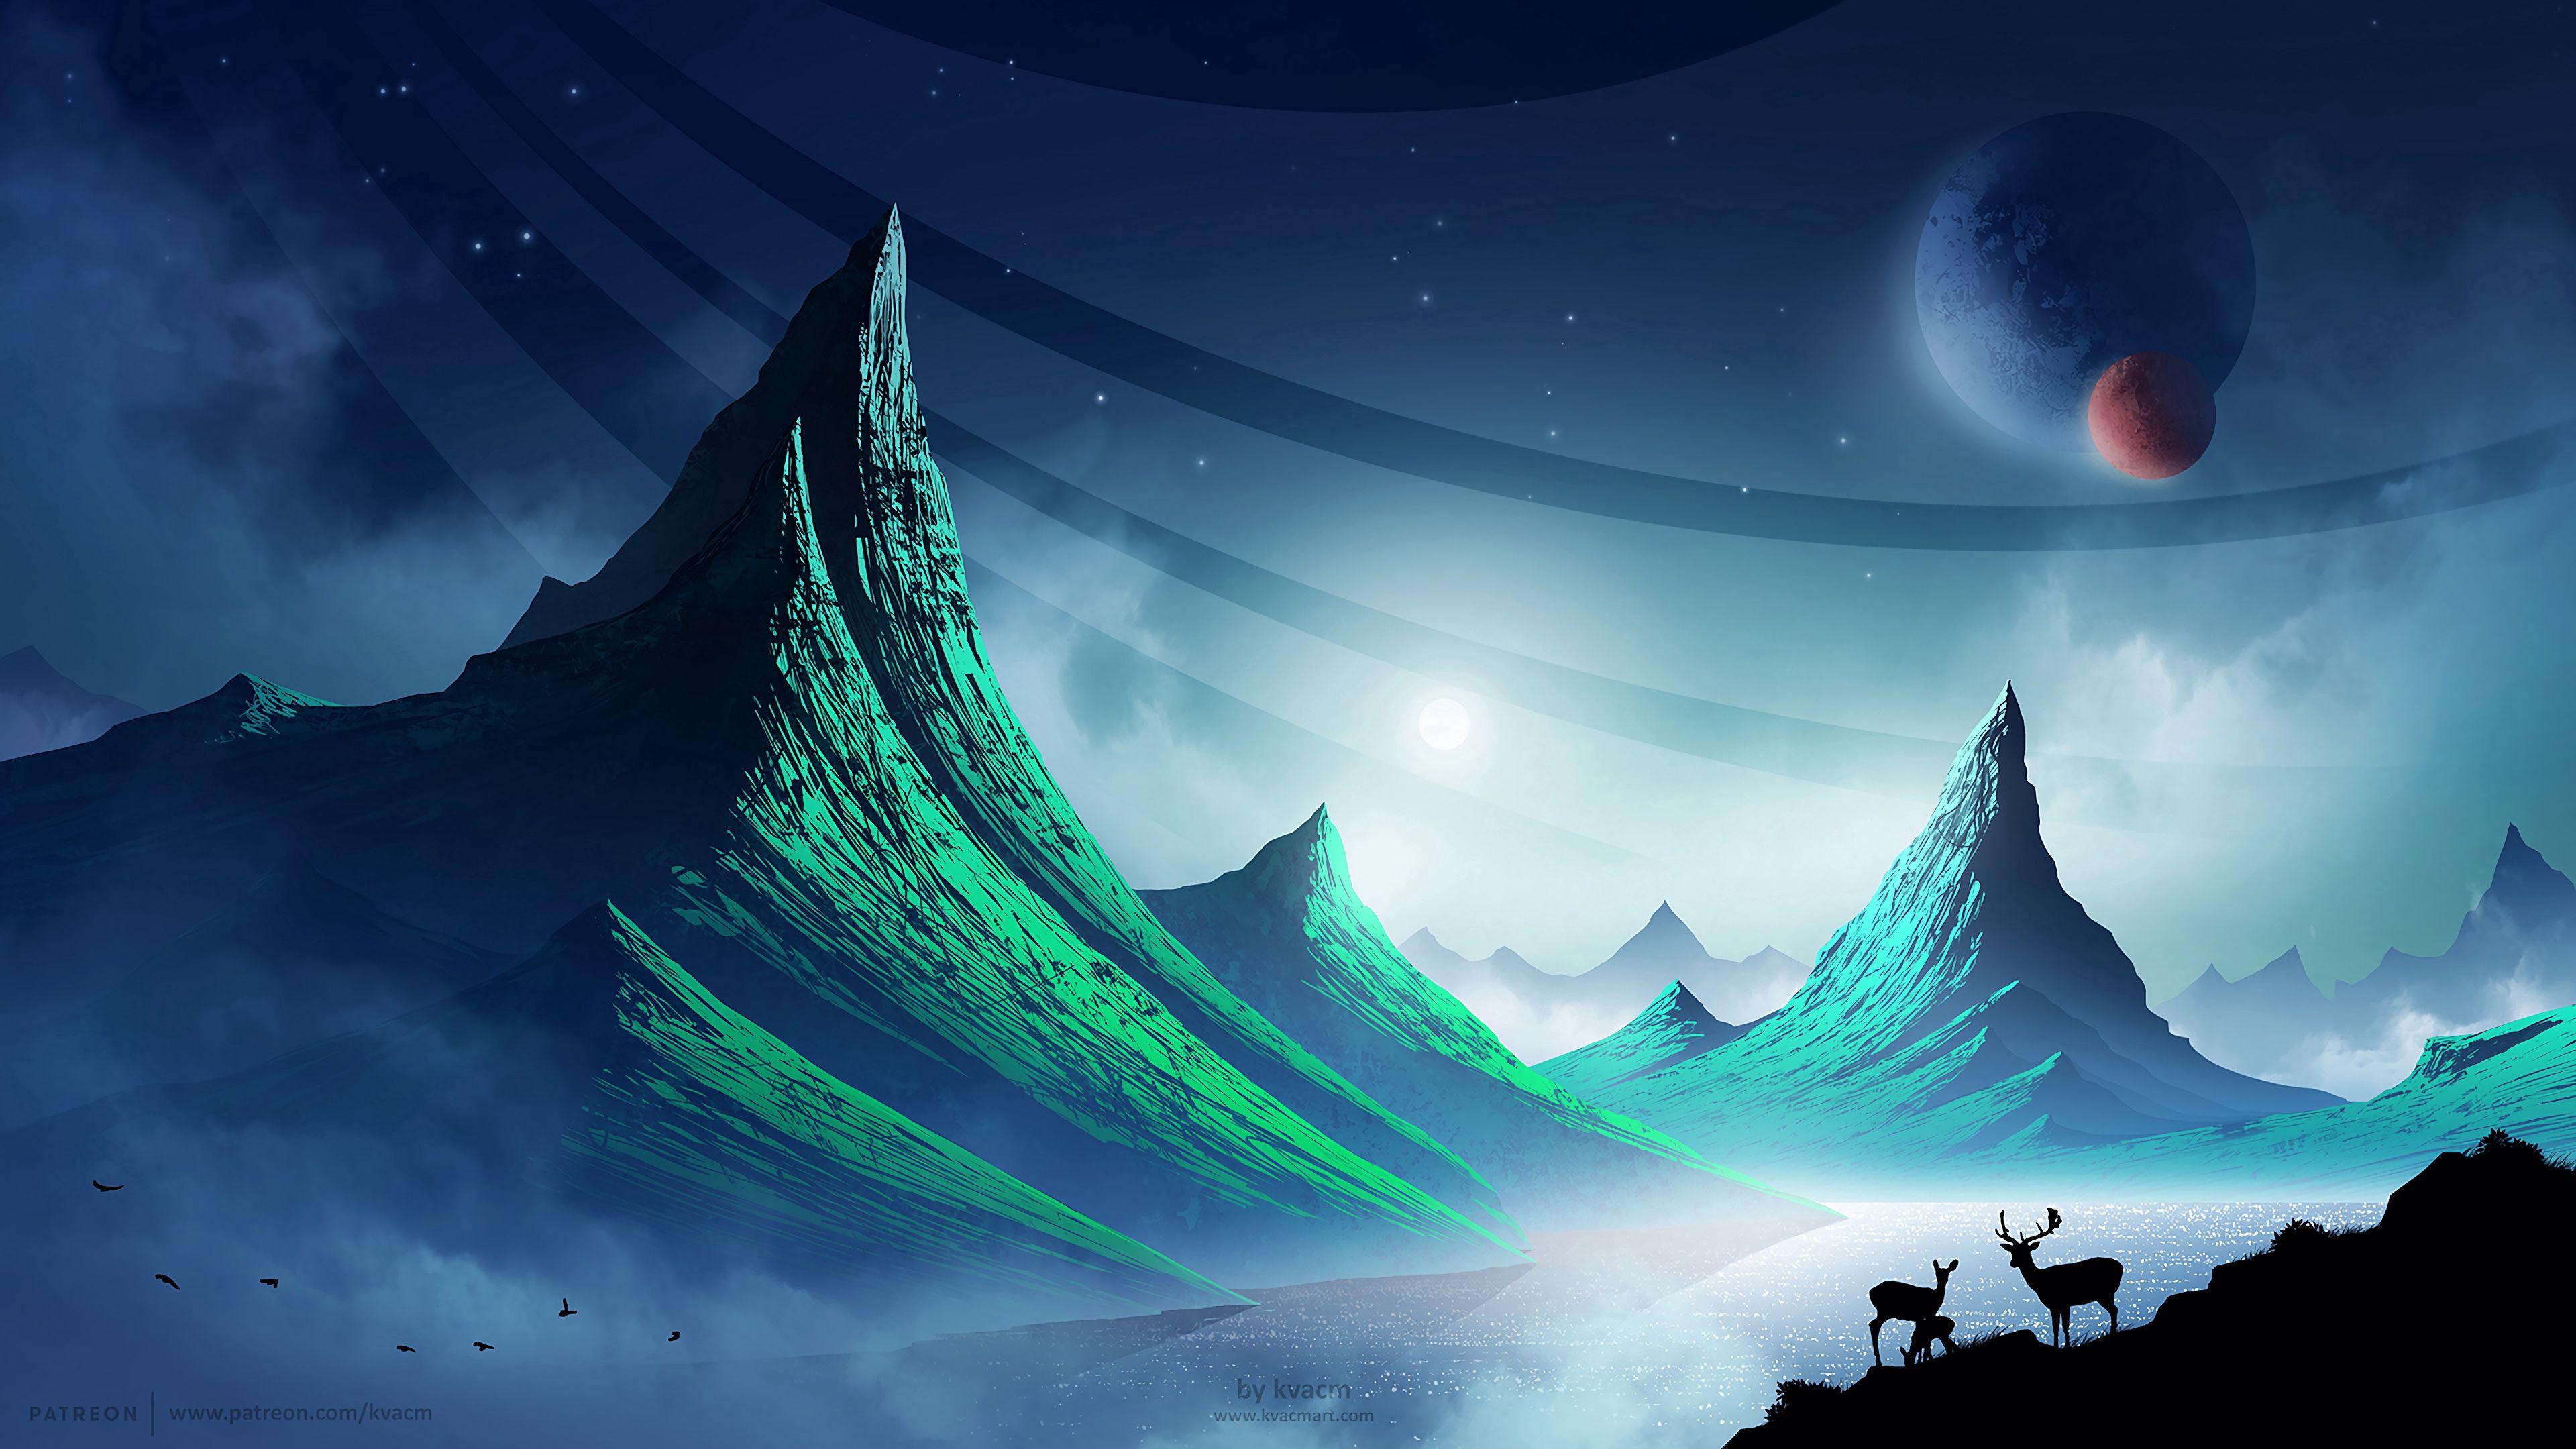 152700 Protetores de tela e papéis de parede Montanhas em seu telefone. Baixe Paisagem, Arte, Montanhas, Noite, Veados, Espaço, Cósmico fotos gratuitamente